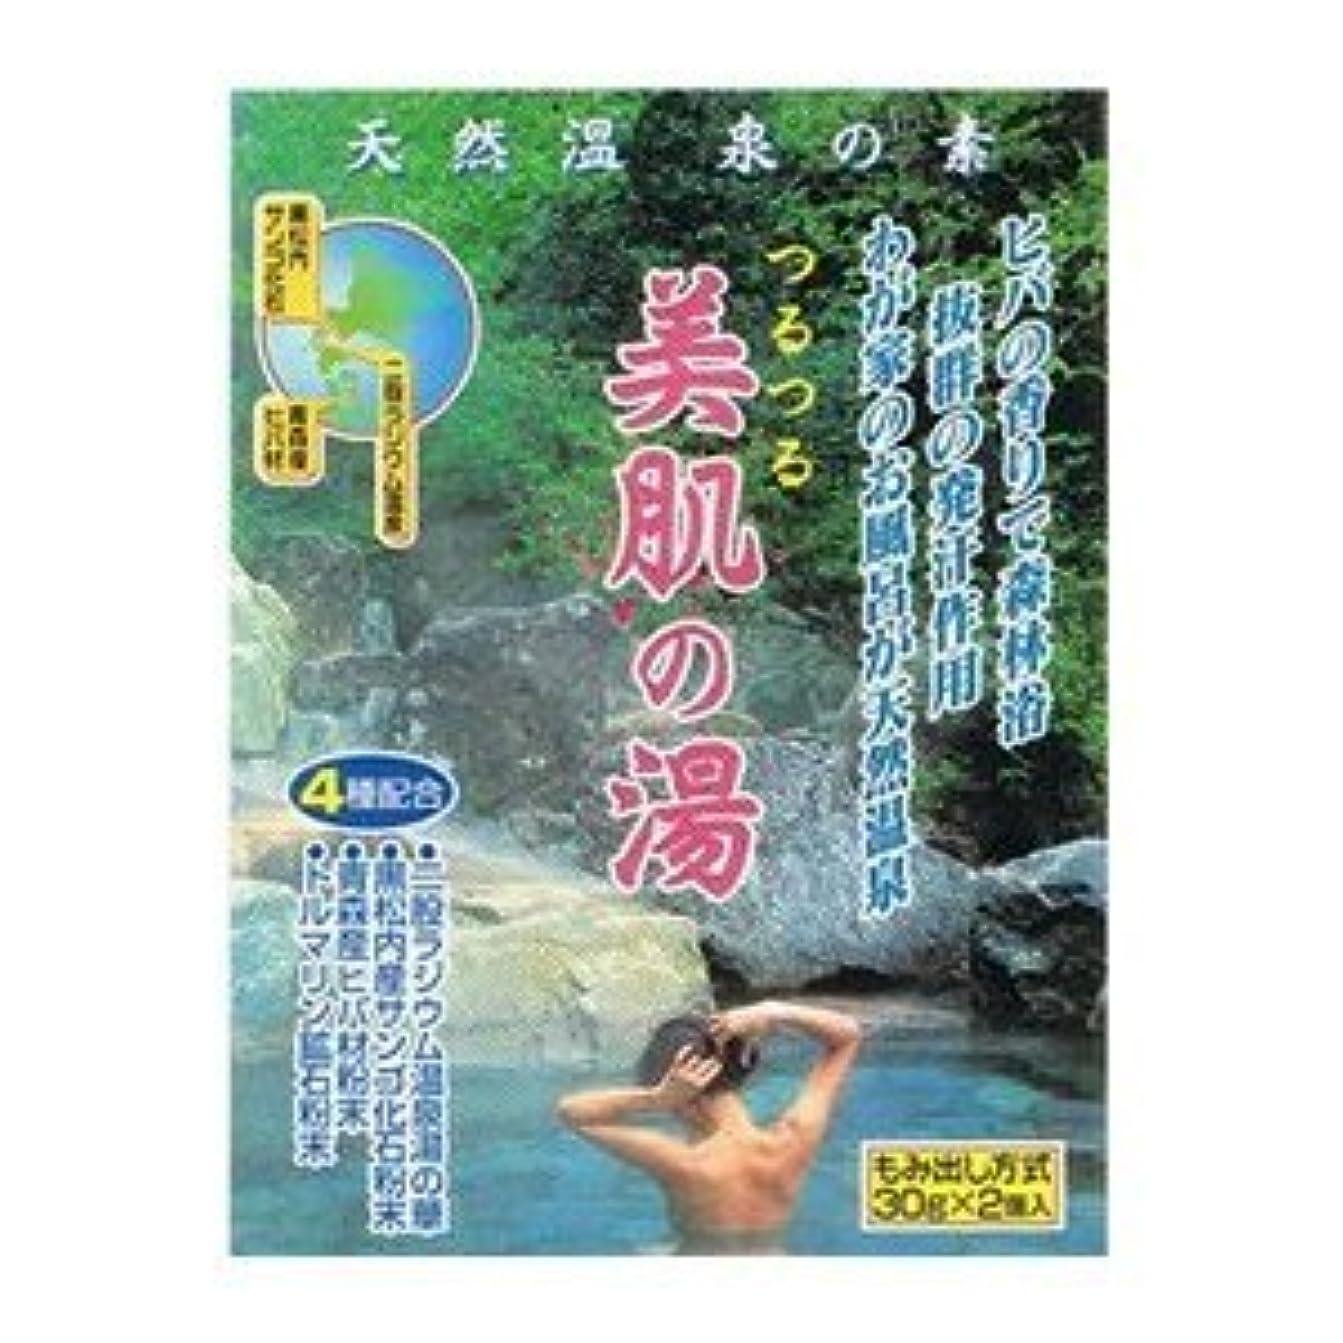 地質学着替えるアブセイ天然温泉の素 美肌の湯 (30g×2個入)×3袋セット